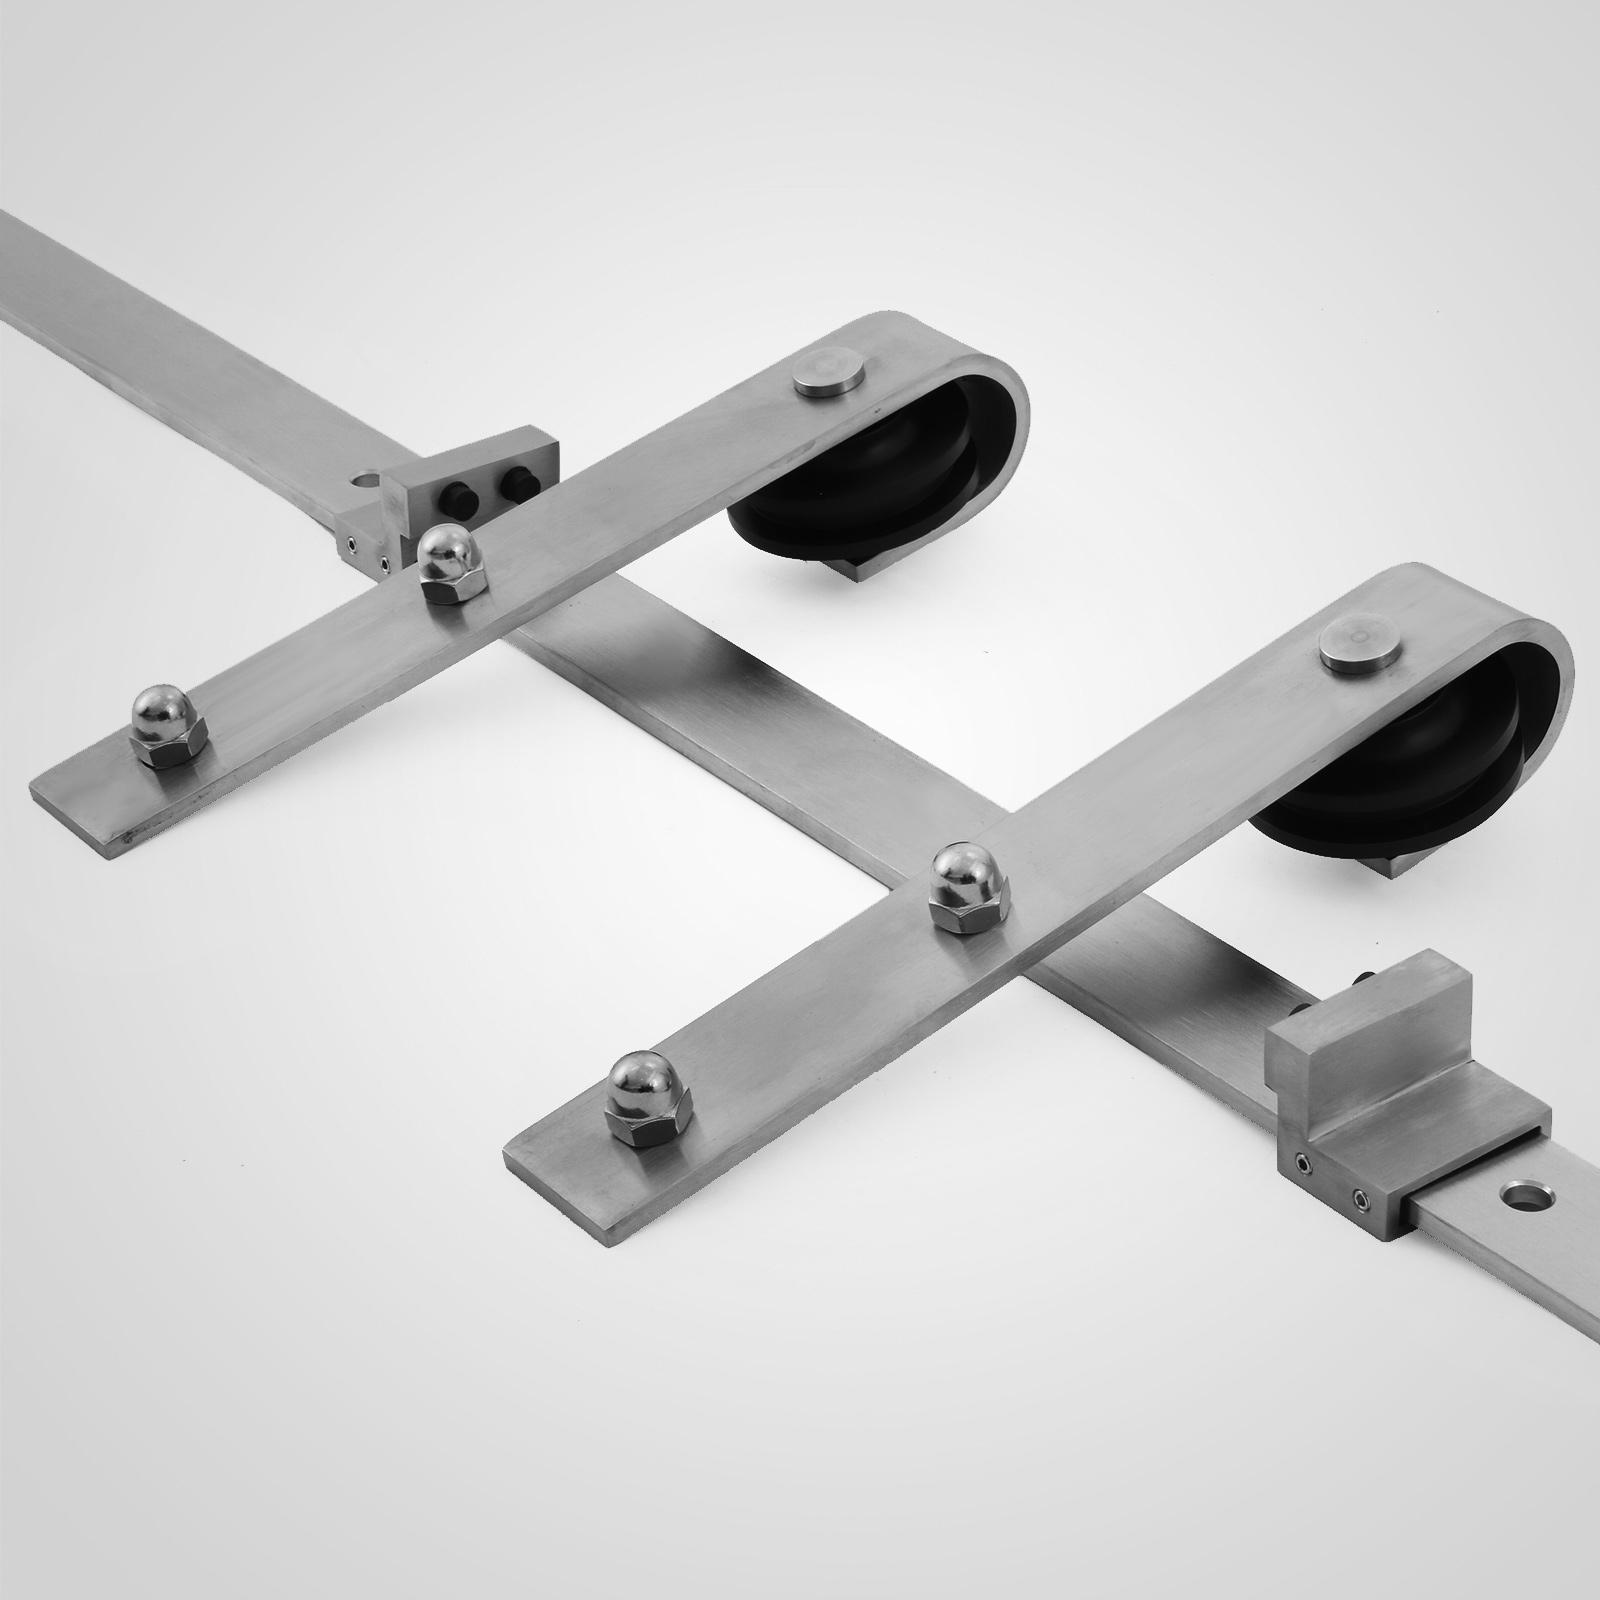 Sliding Track Door Hardware: 6FT Sliding Barn Door Track Hardware Roller Stainless